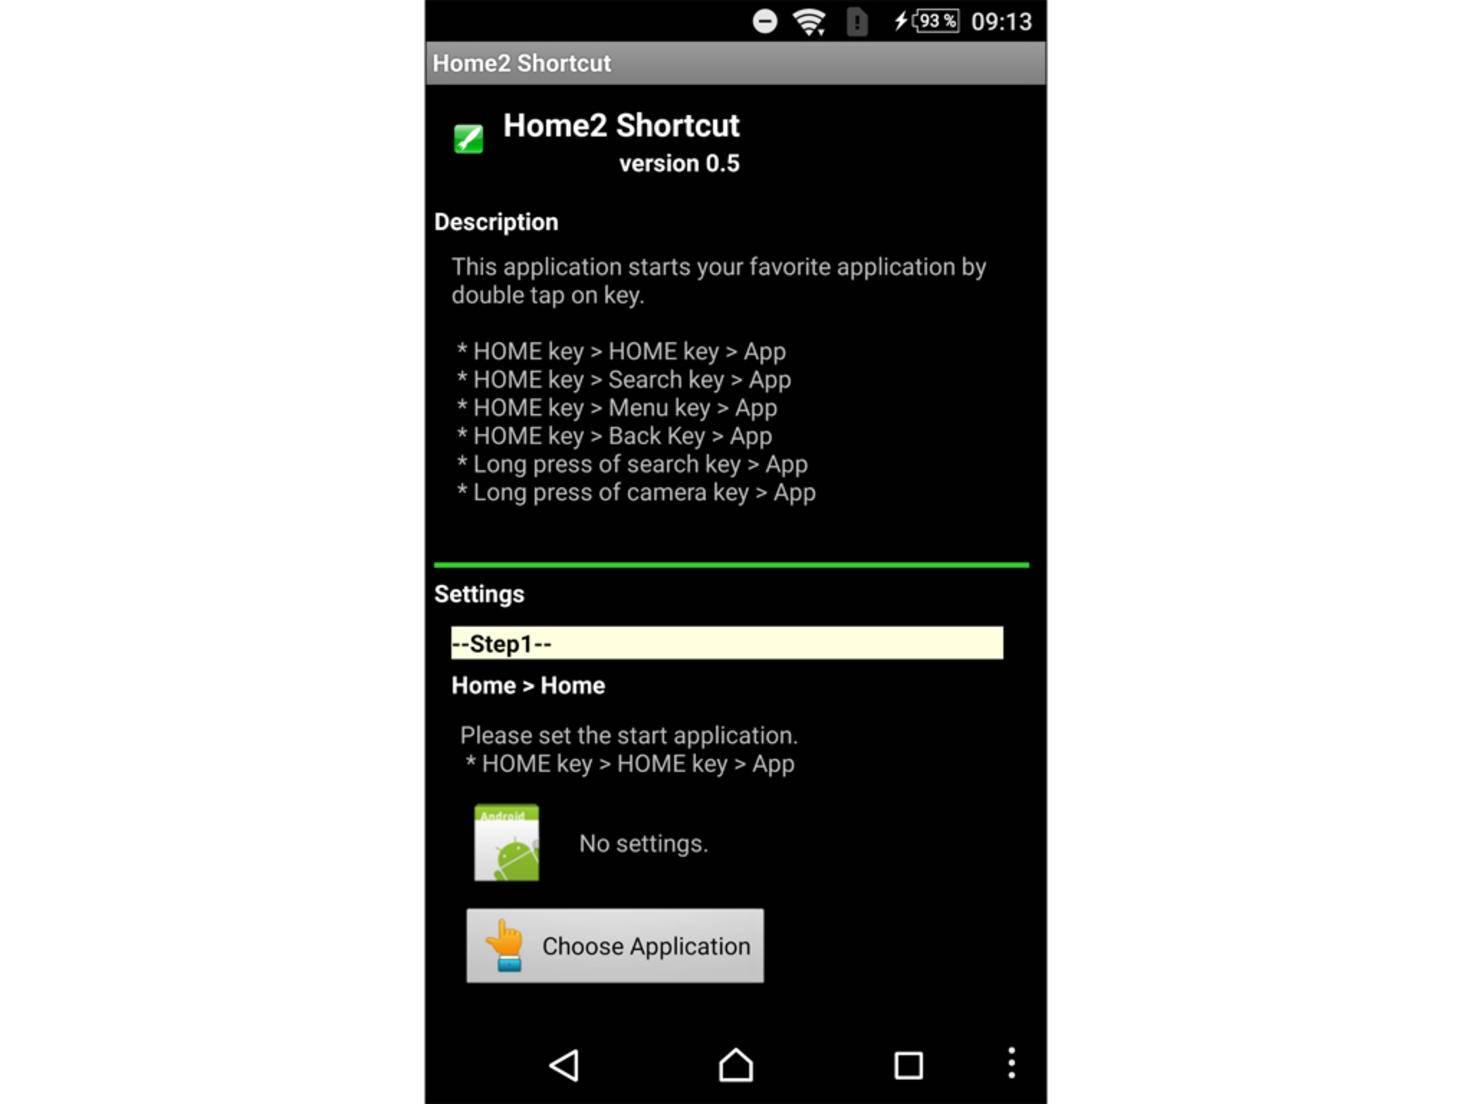 """Als Erstes wird die App für den Shortcut durch Tippen auf """"Choose Application"""" ausgewählt."""